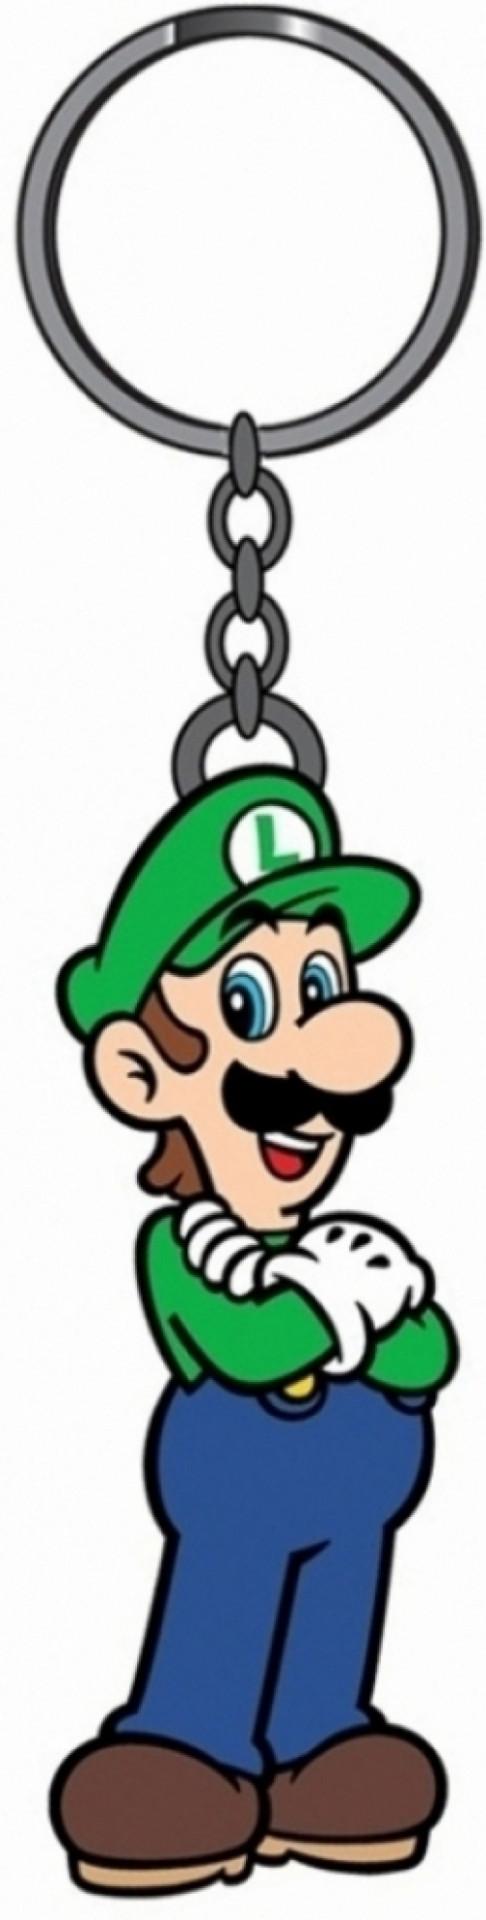 Nintendo Luigi Rubberen Sleutelhanger